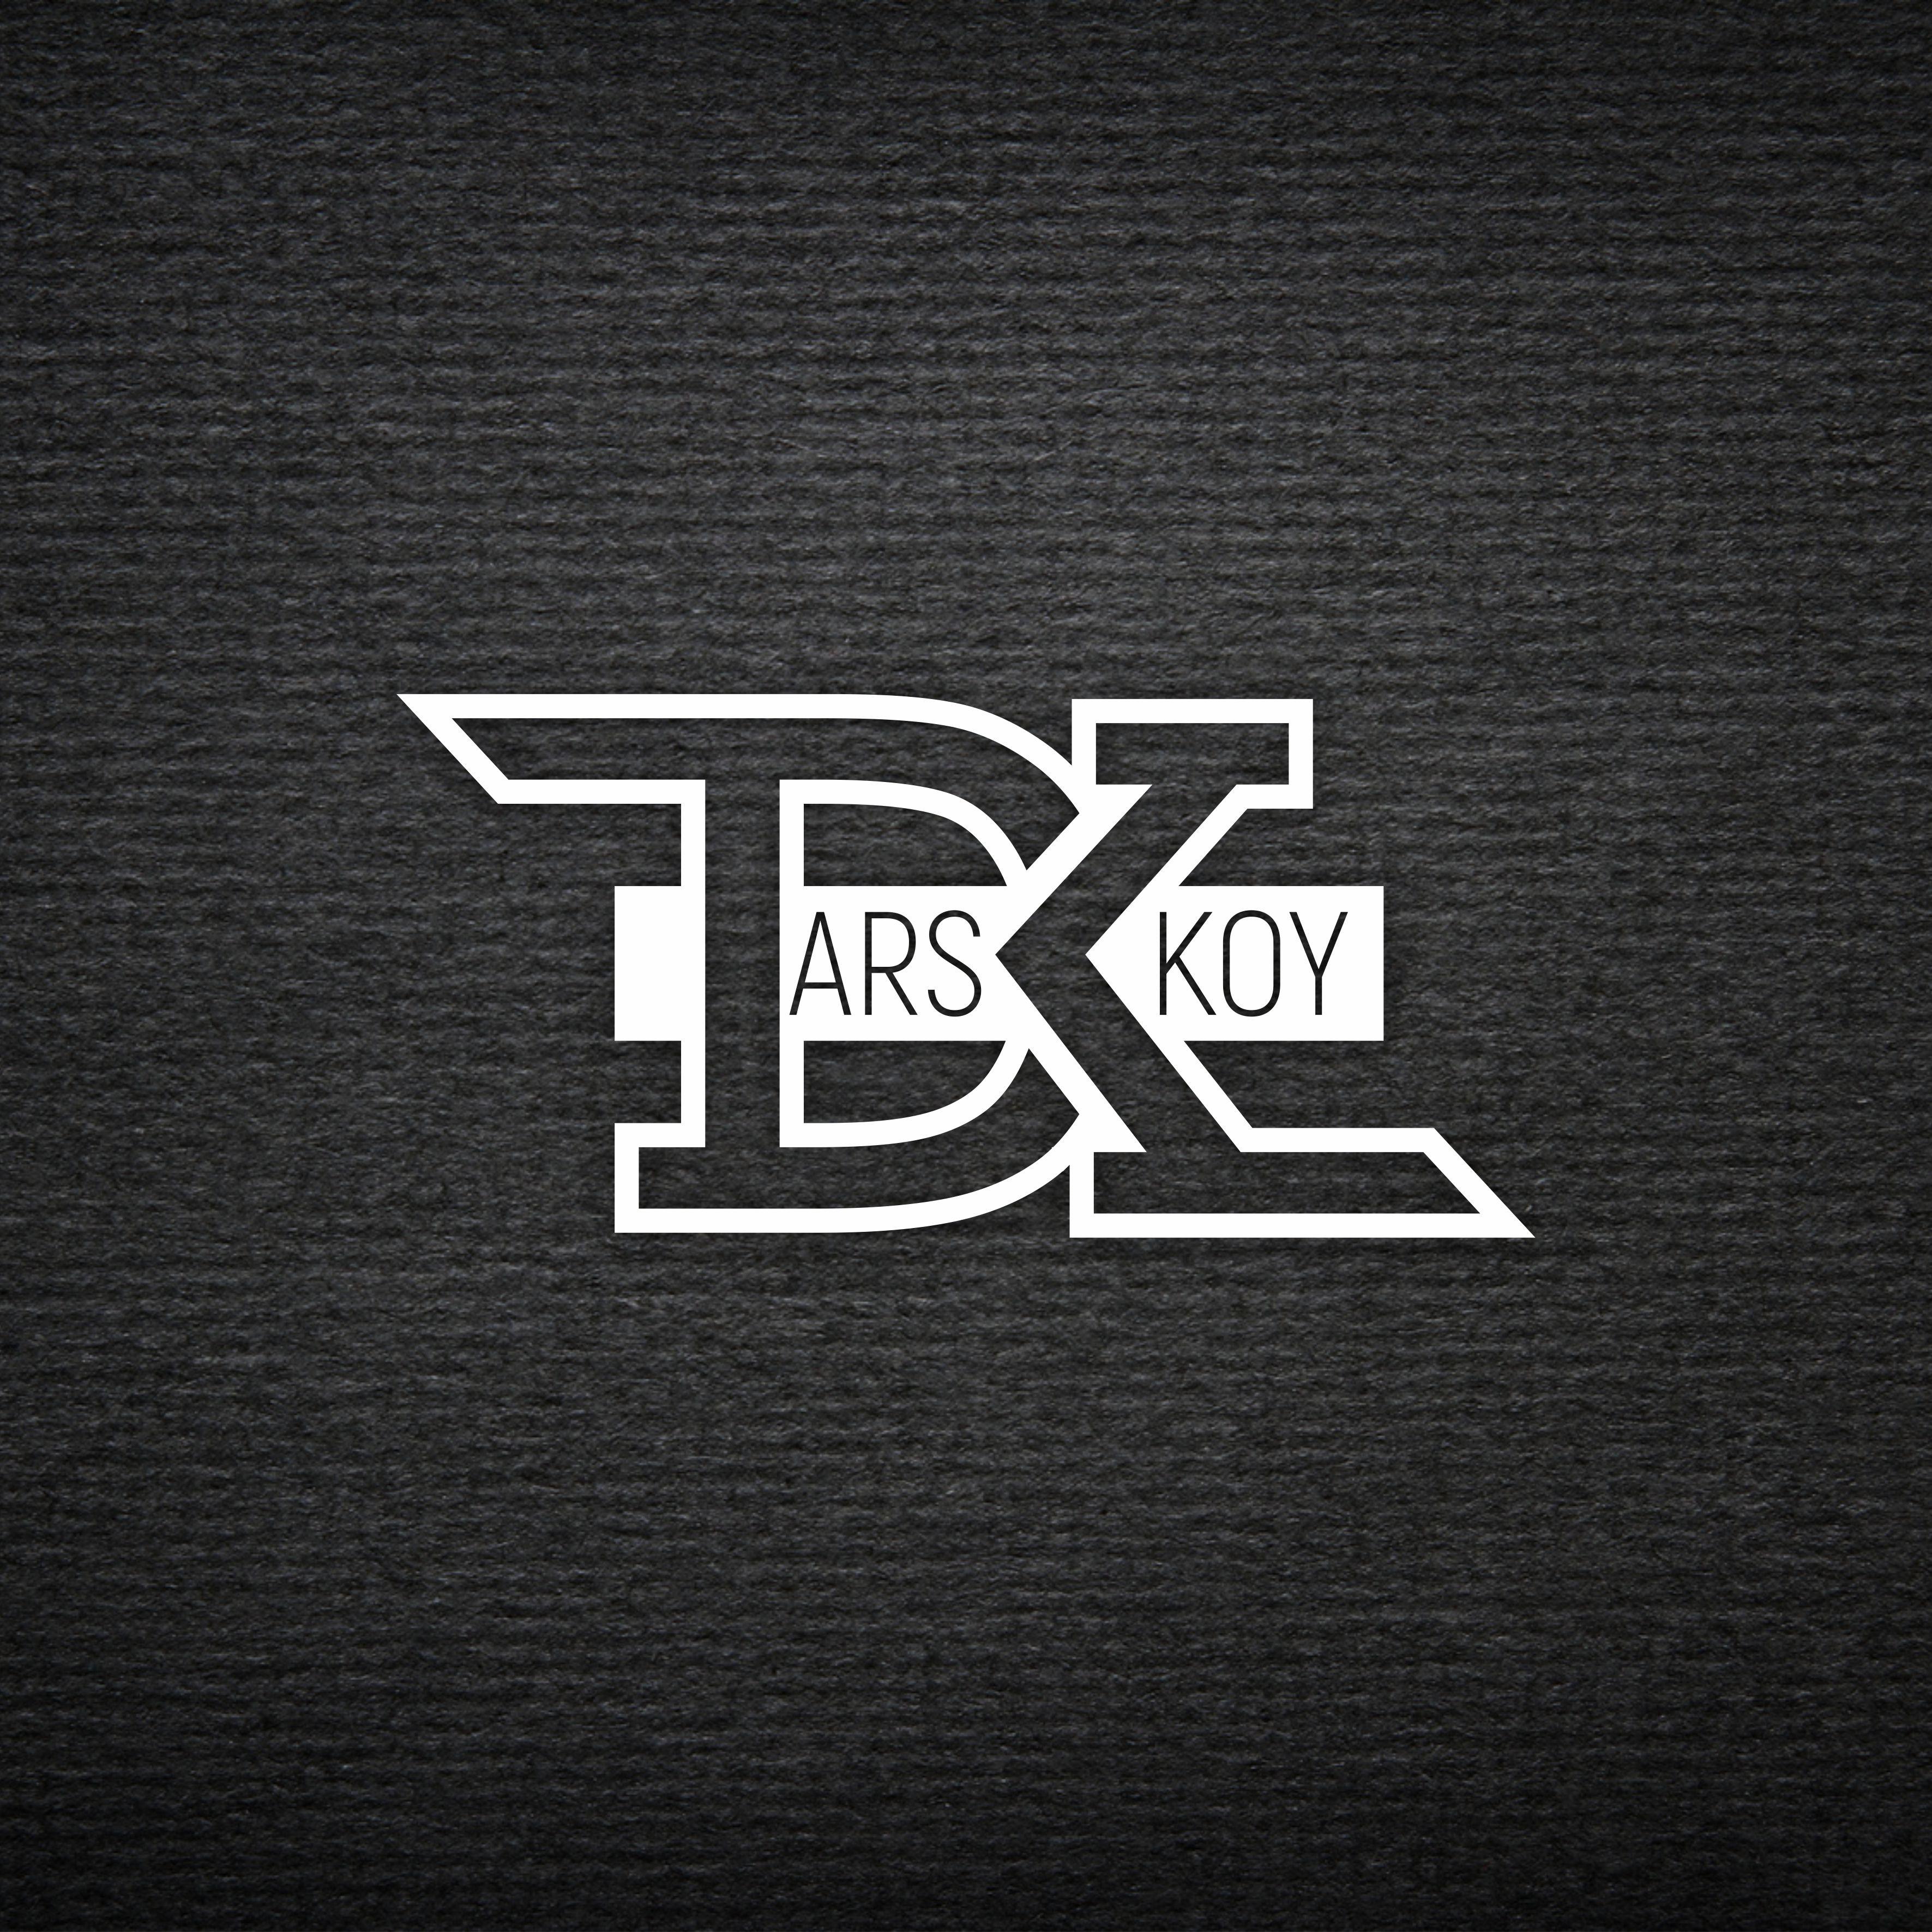 Нарисовать логотип для сольного музыкального проекта фото f_5845ba9c05edb1d3.jpg